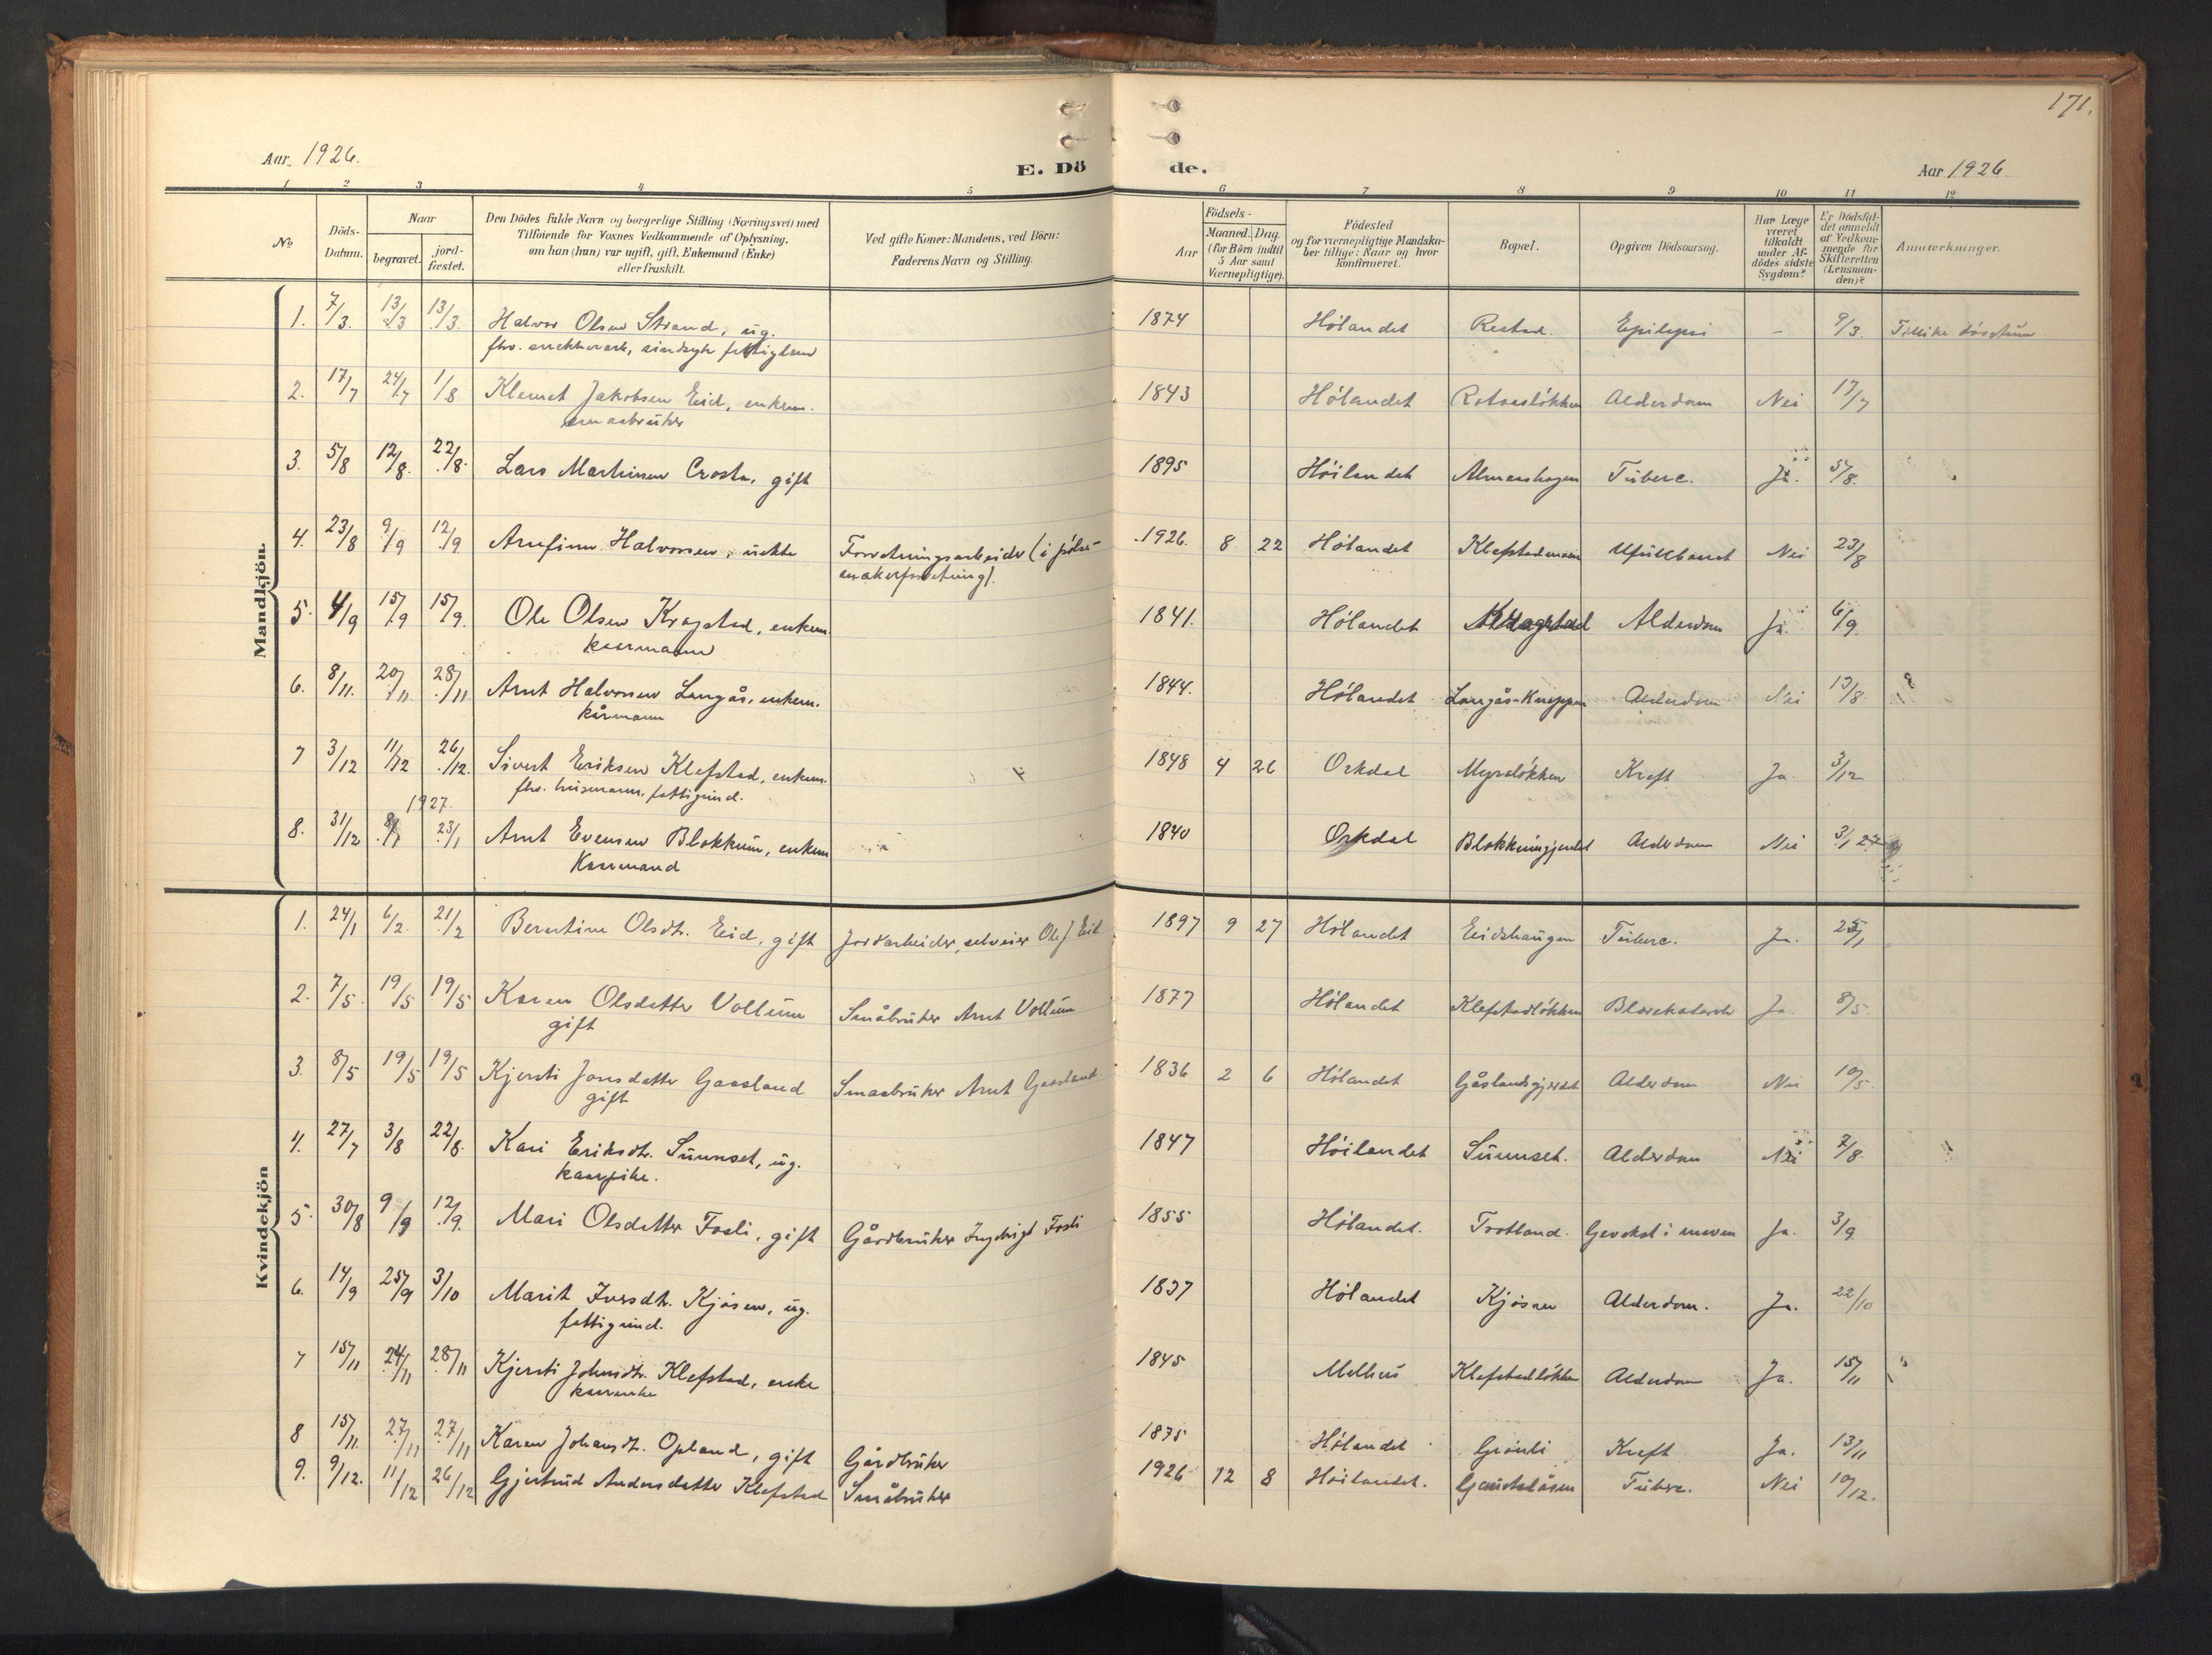 SAT, Ministerialprotokoller, klokkerbøker og fødselsregistre - Sør-Trøndelag, 694/L1128: Ministerialbok nr. 694A02, 1906-1931, s. 171